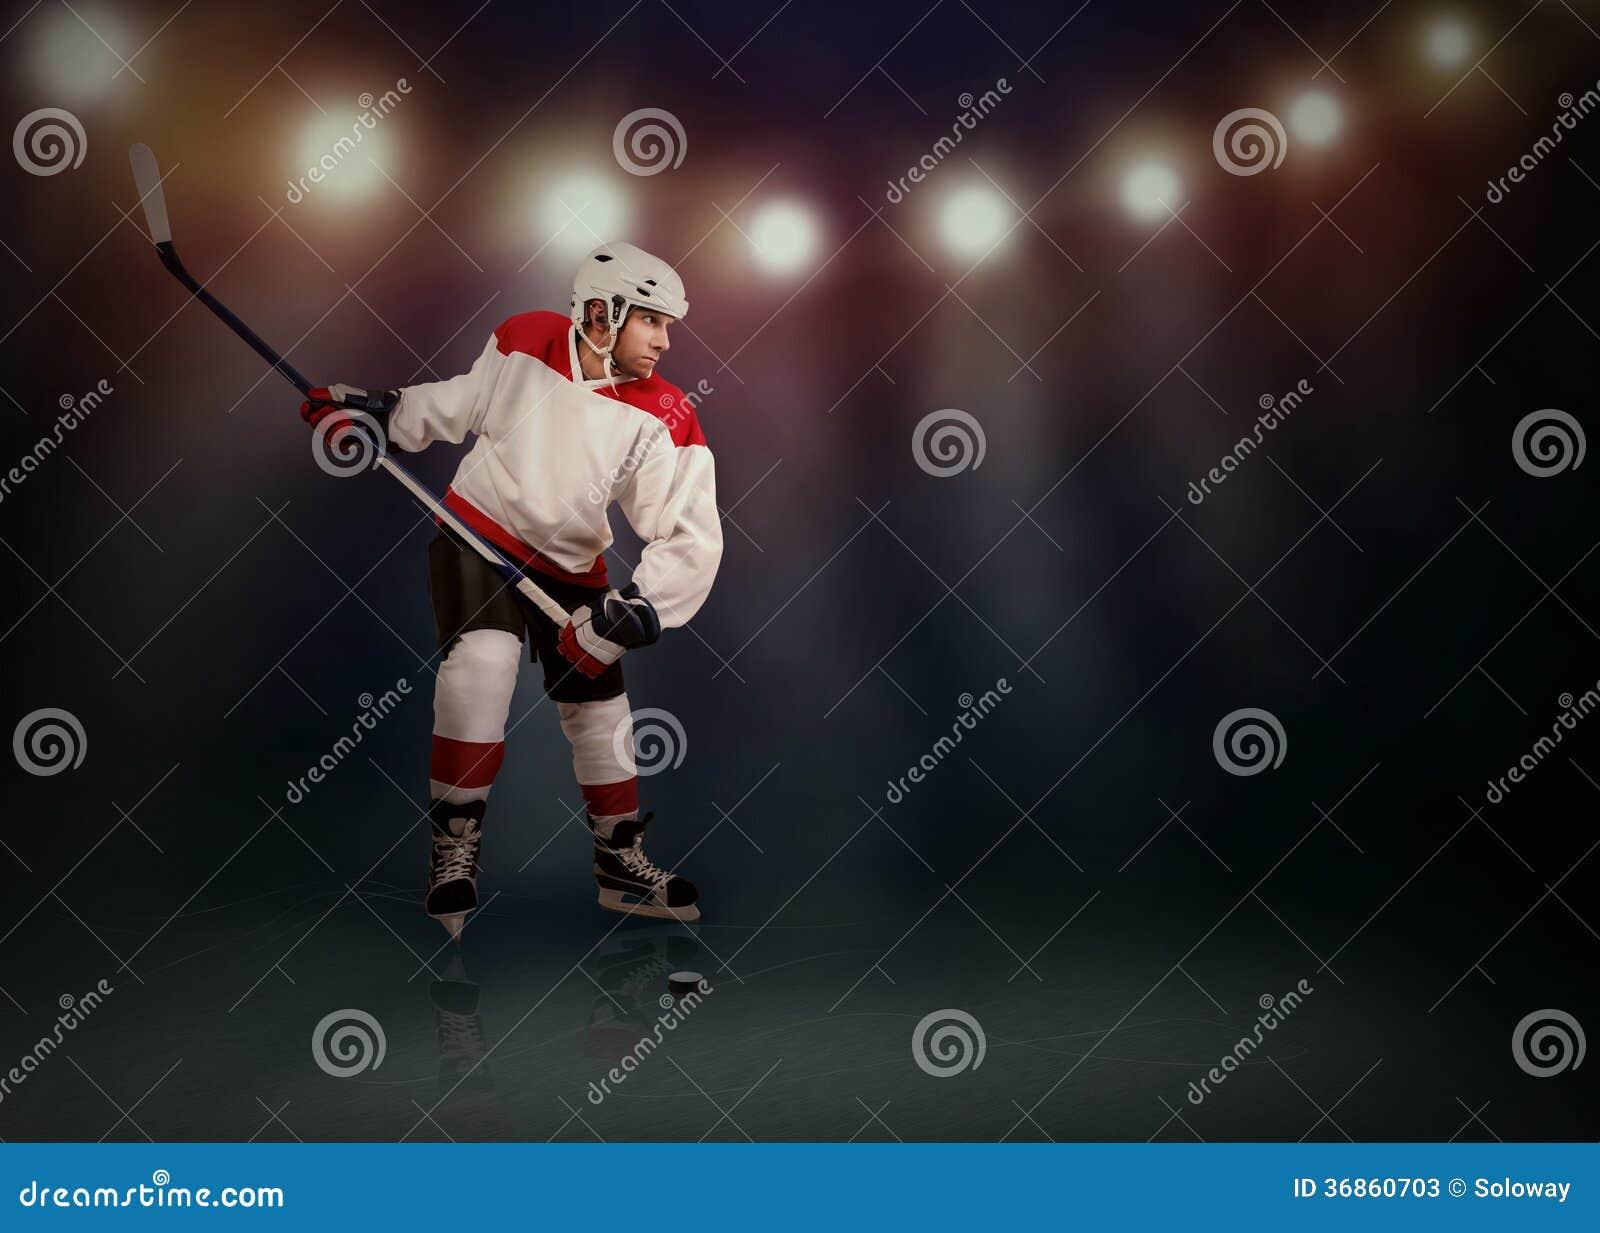 Lodowy gracz w hokeja przygotowywający robić zdjęciu